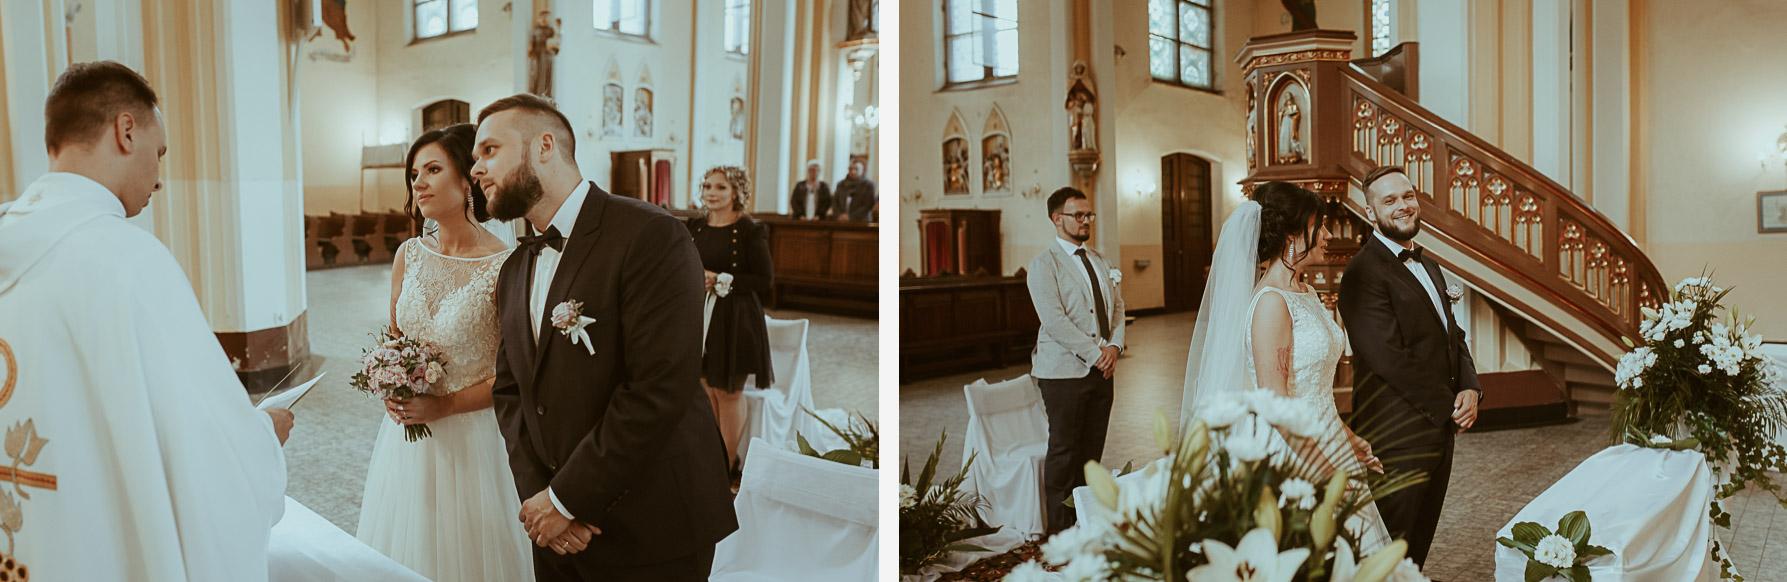 Zdjęcia Ślubne Mysłowice 103 22v